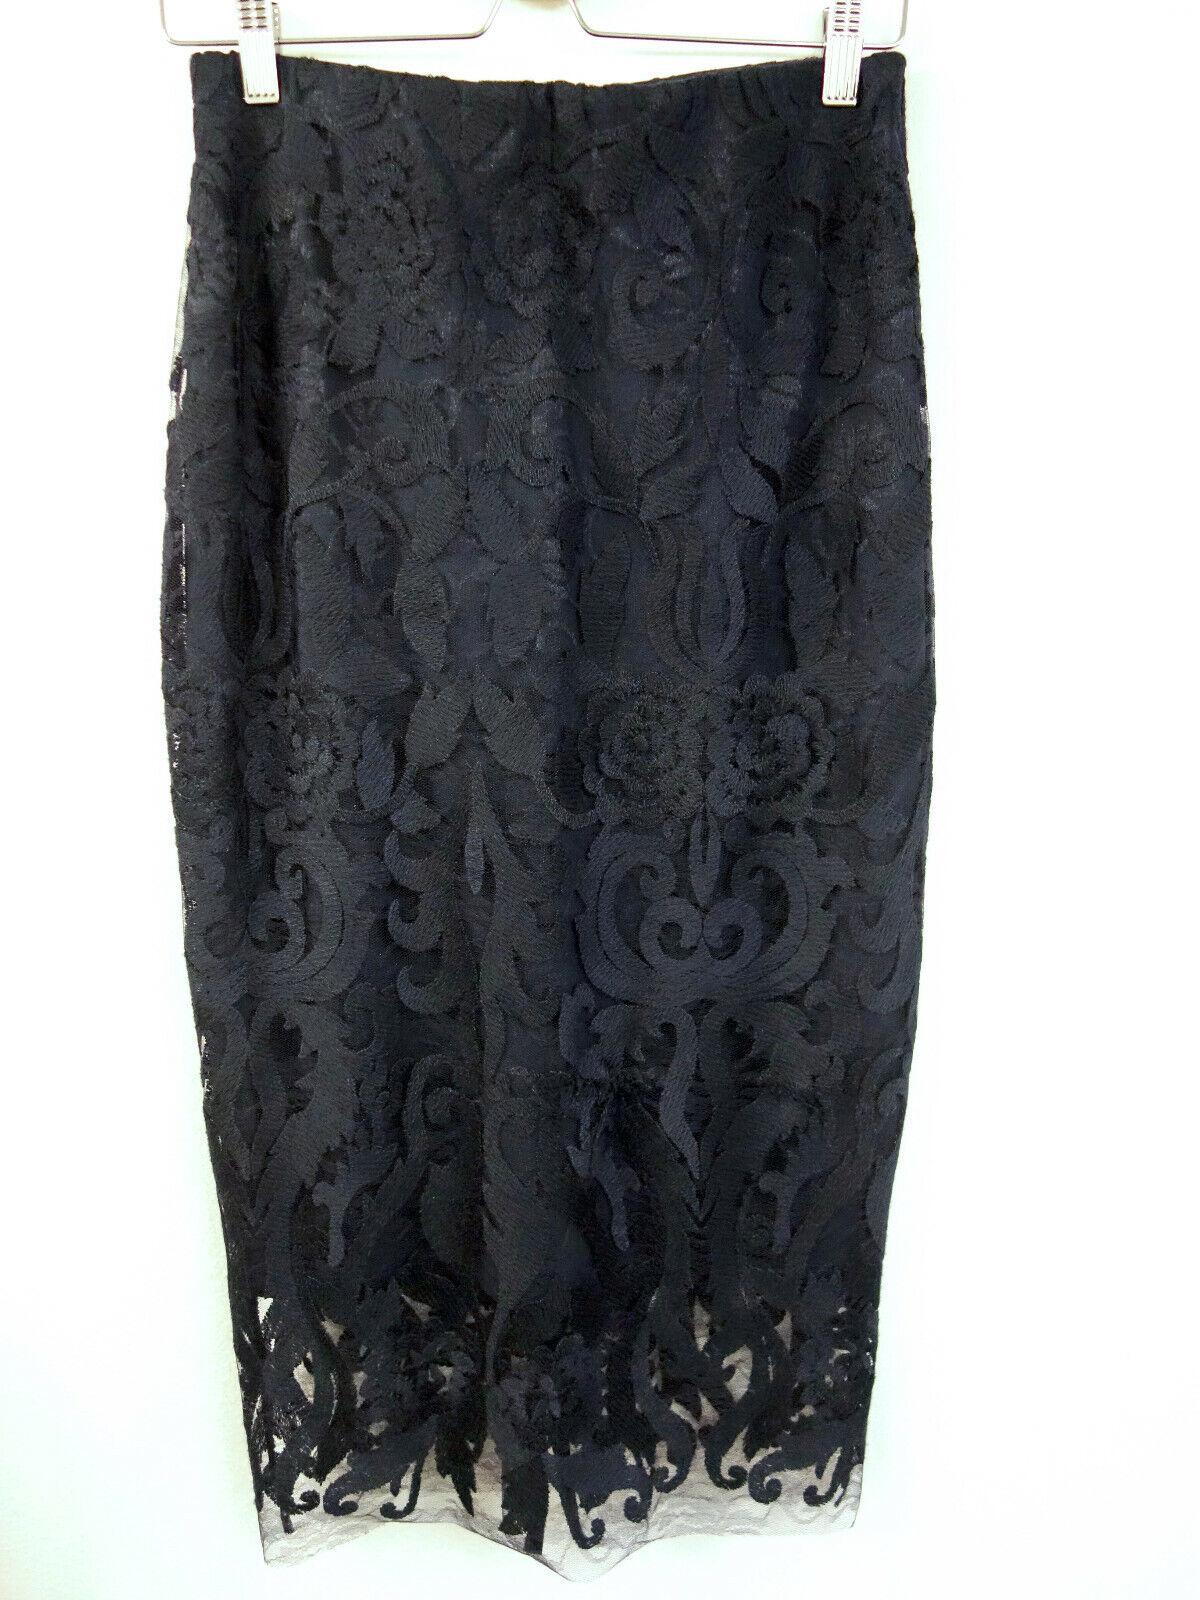 229 NEW Riani RR Designer Midi Lace Skirt Skirt Size 36 Skirt Skirt Lace Blue